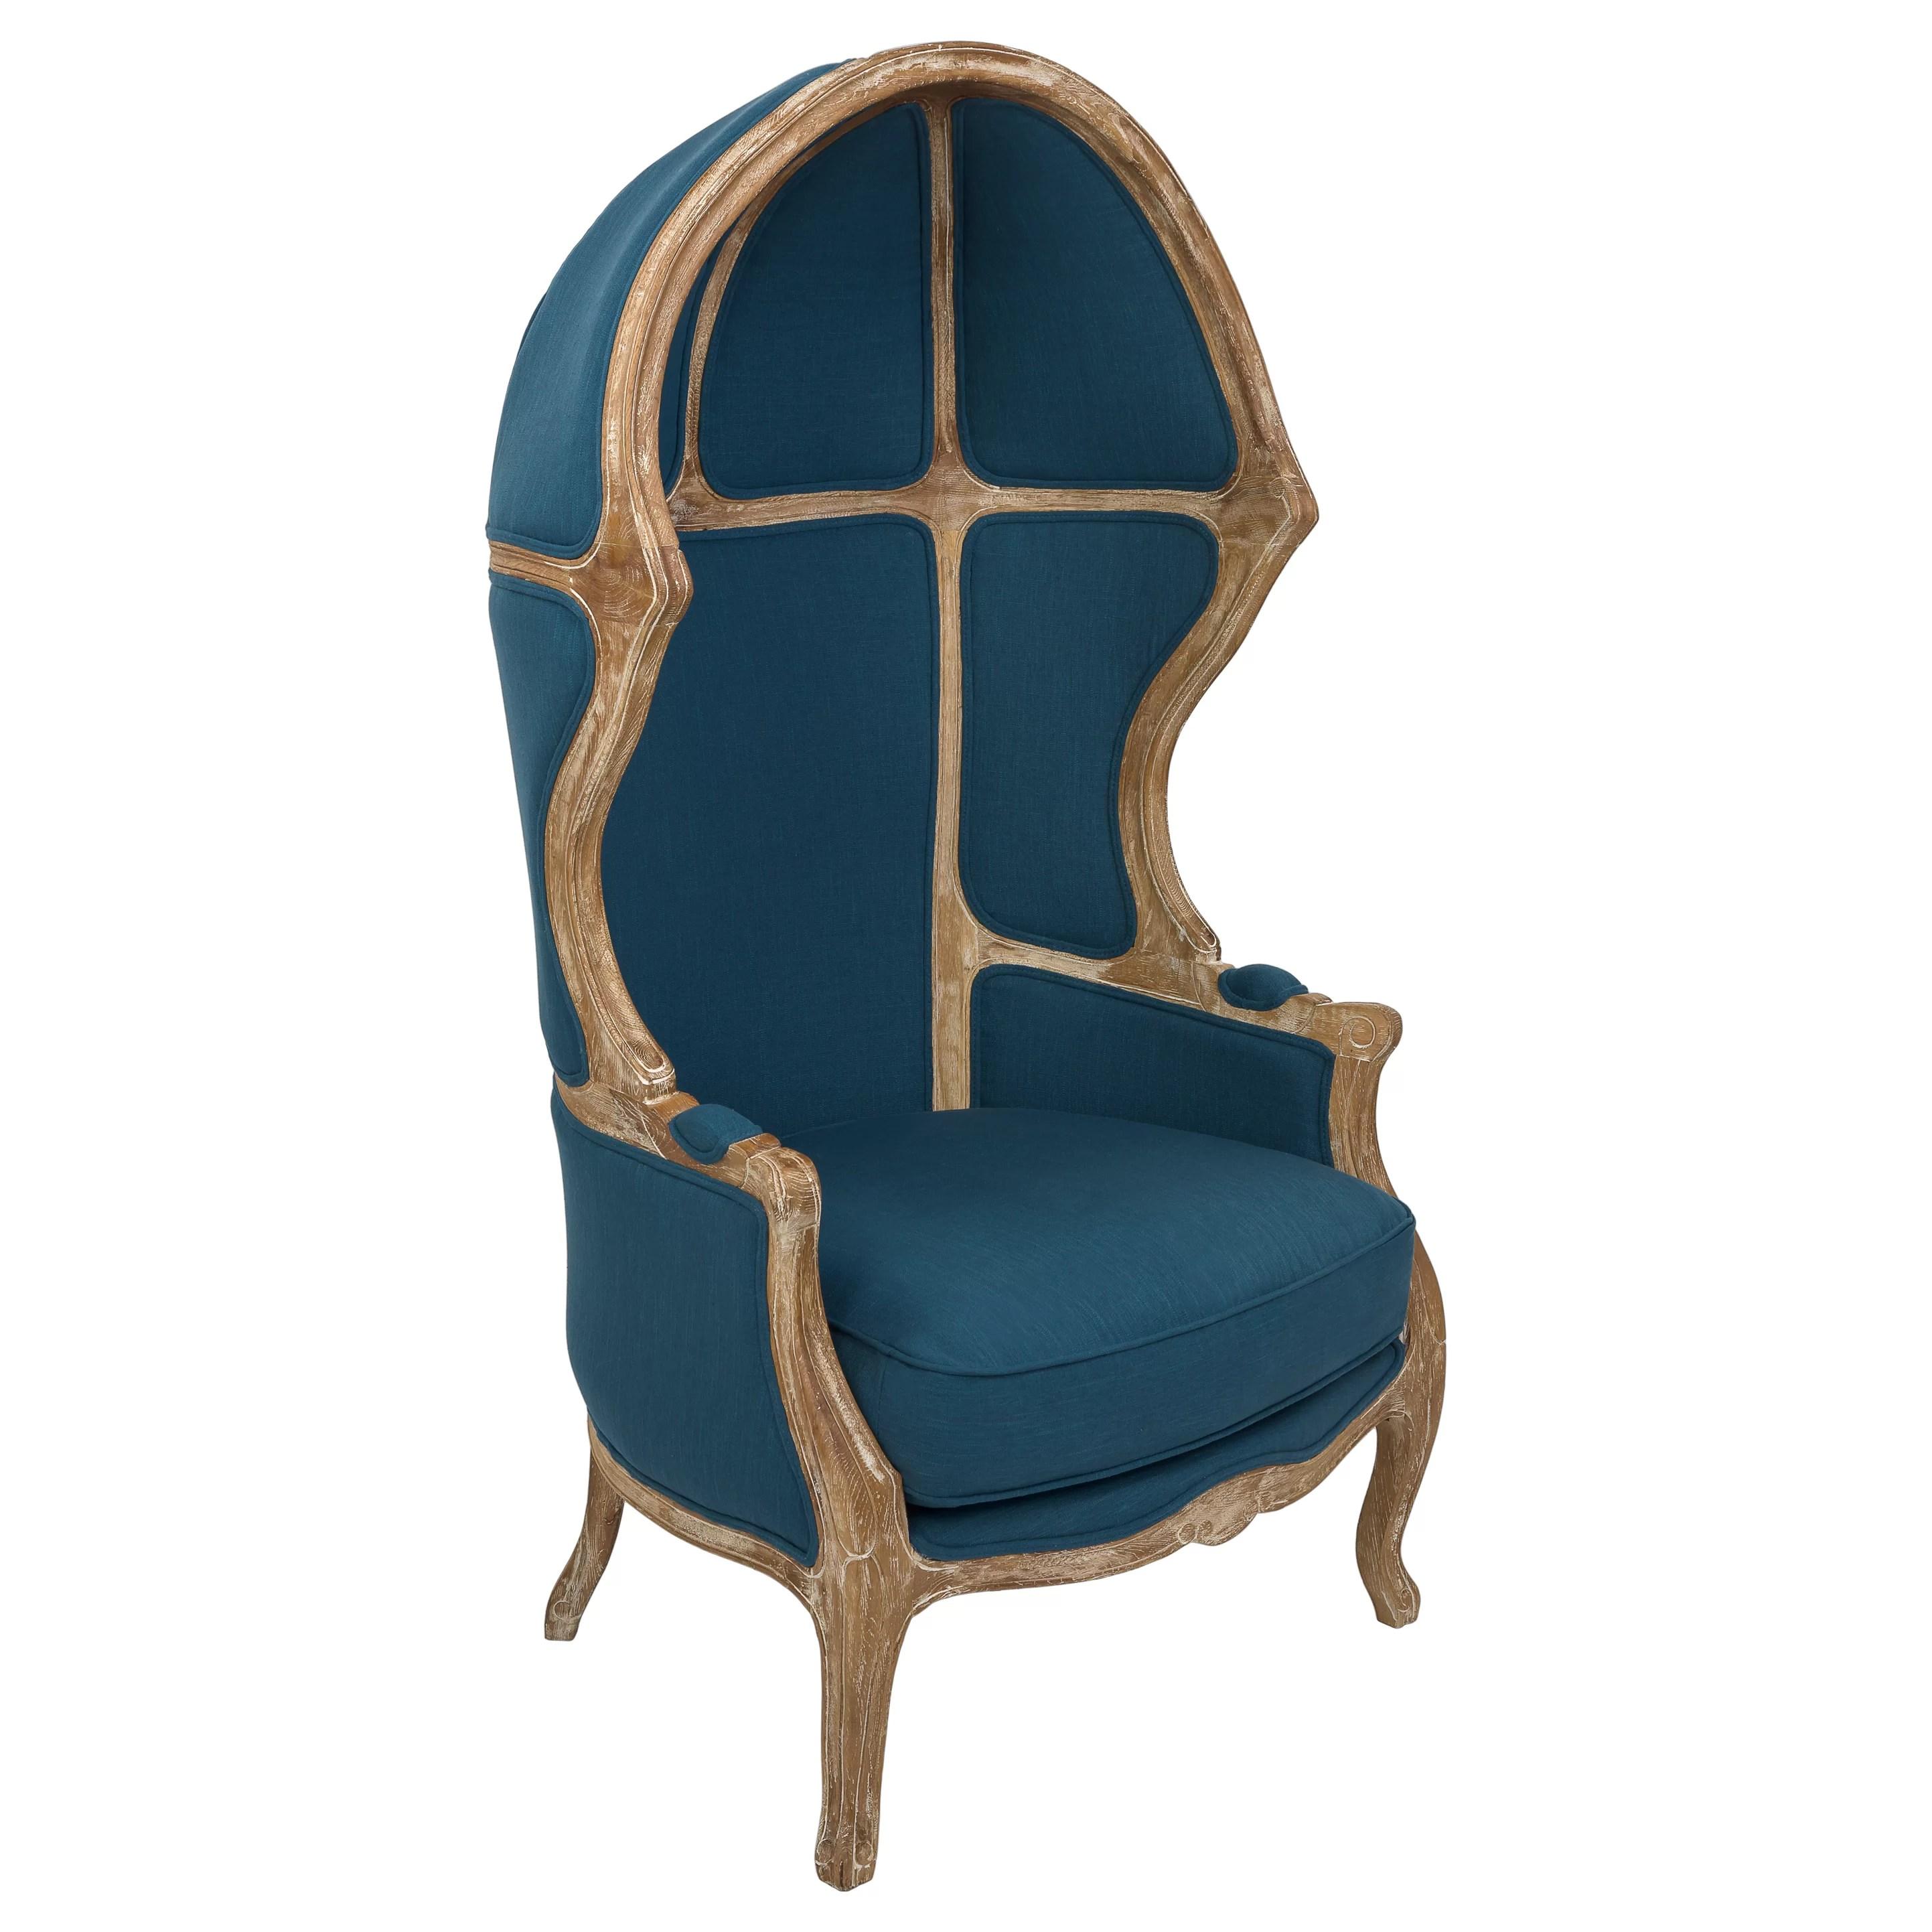 Safavieh Couture Sabine Balloon Chair  Reviews  Wayfair